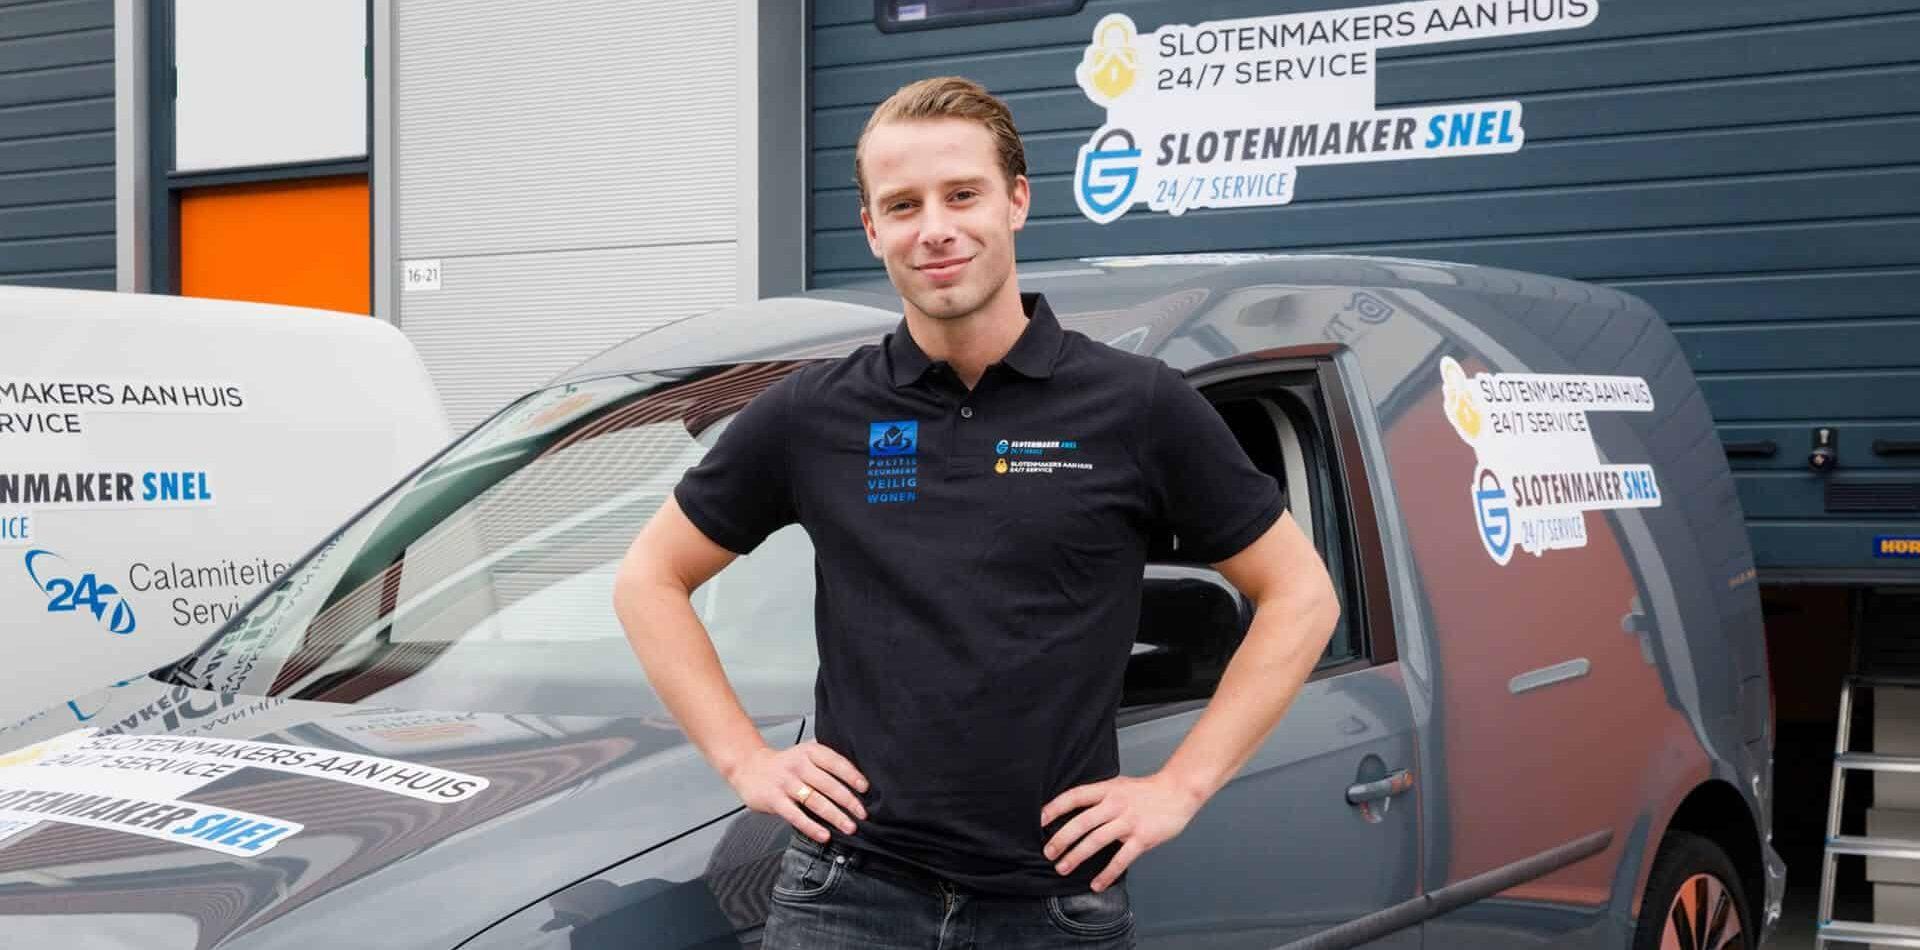 Slotenmaker Breukelen